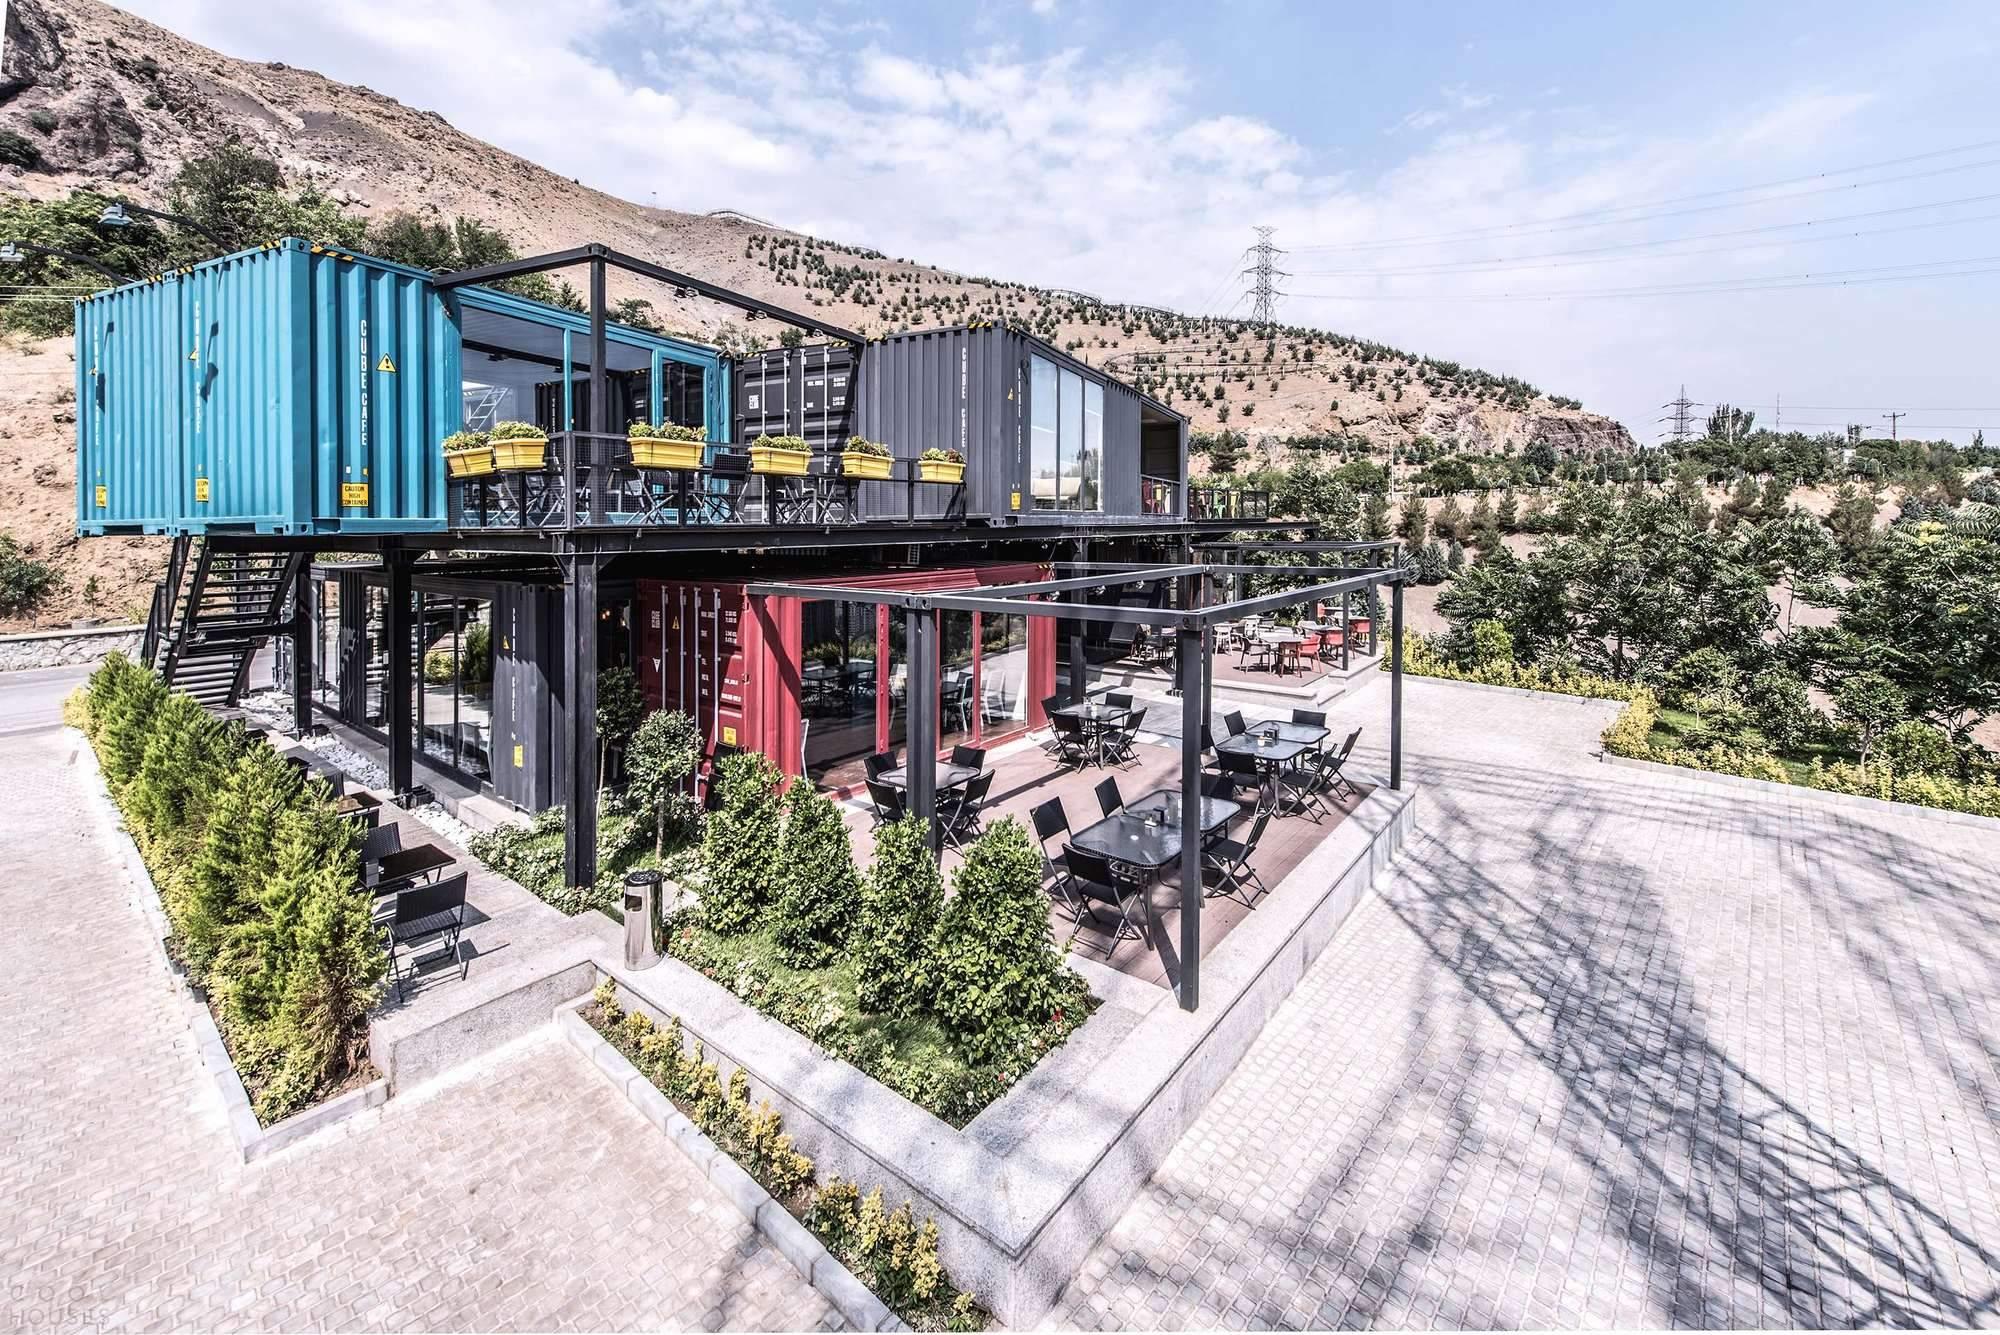 Как в Иране построили клуб для отдыха и развлечений из мусорных контейнеров